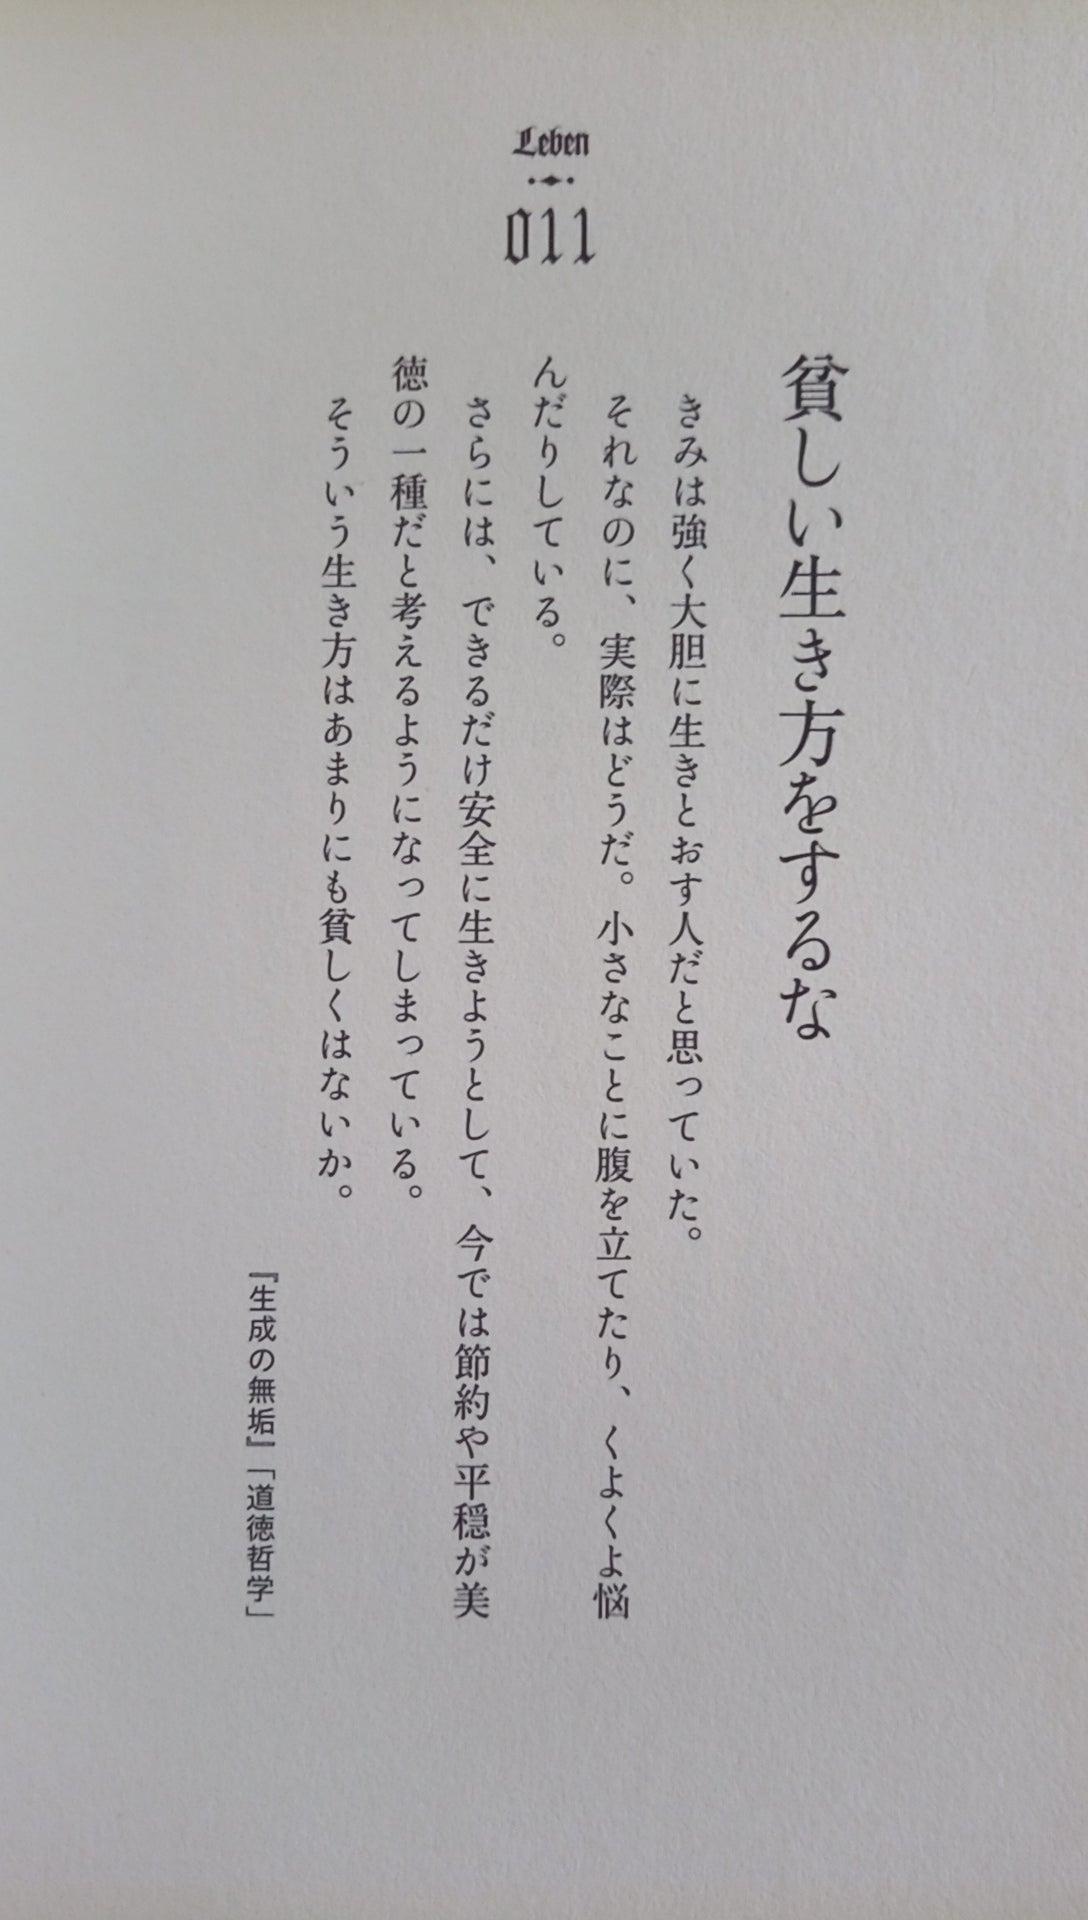 超 訳 ニーチェ の 言葉 エッセンシャル 版